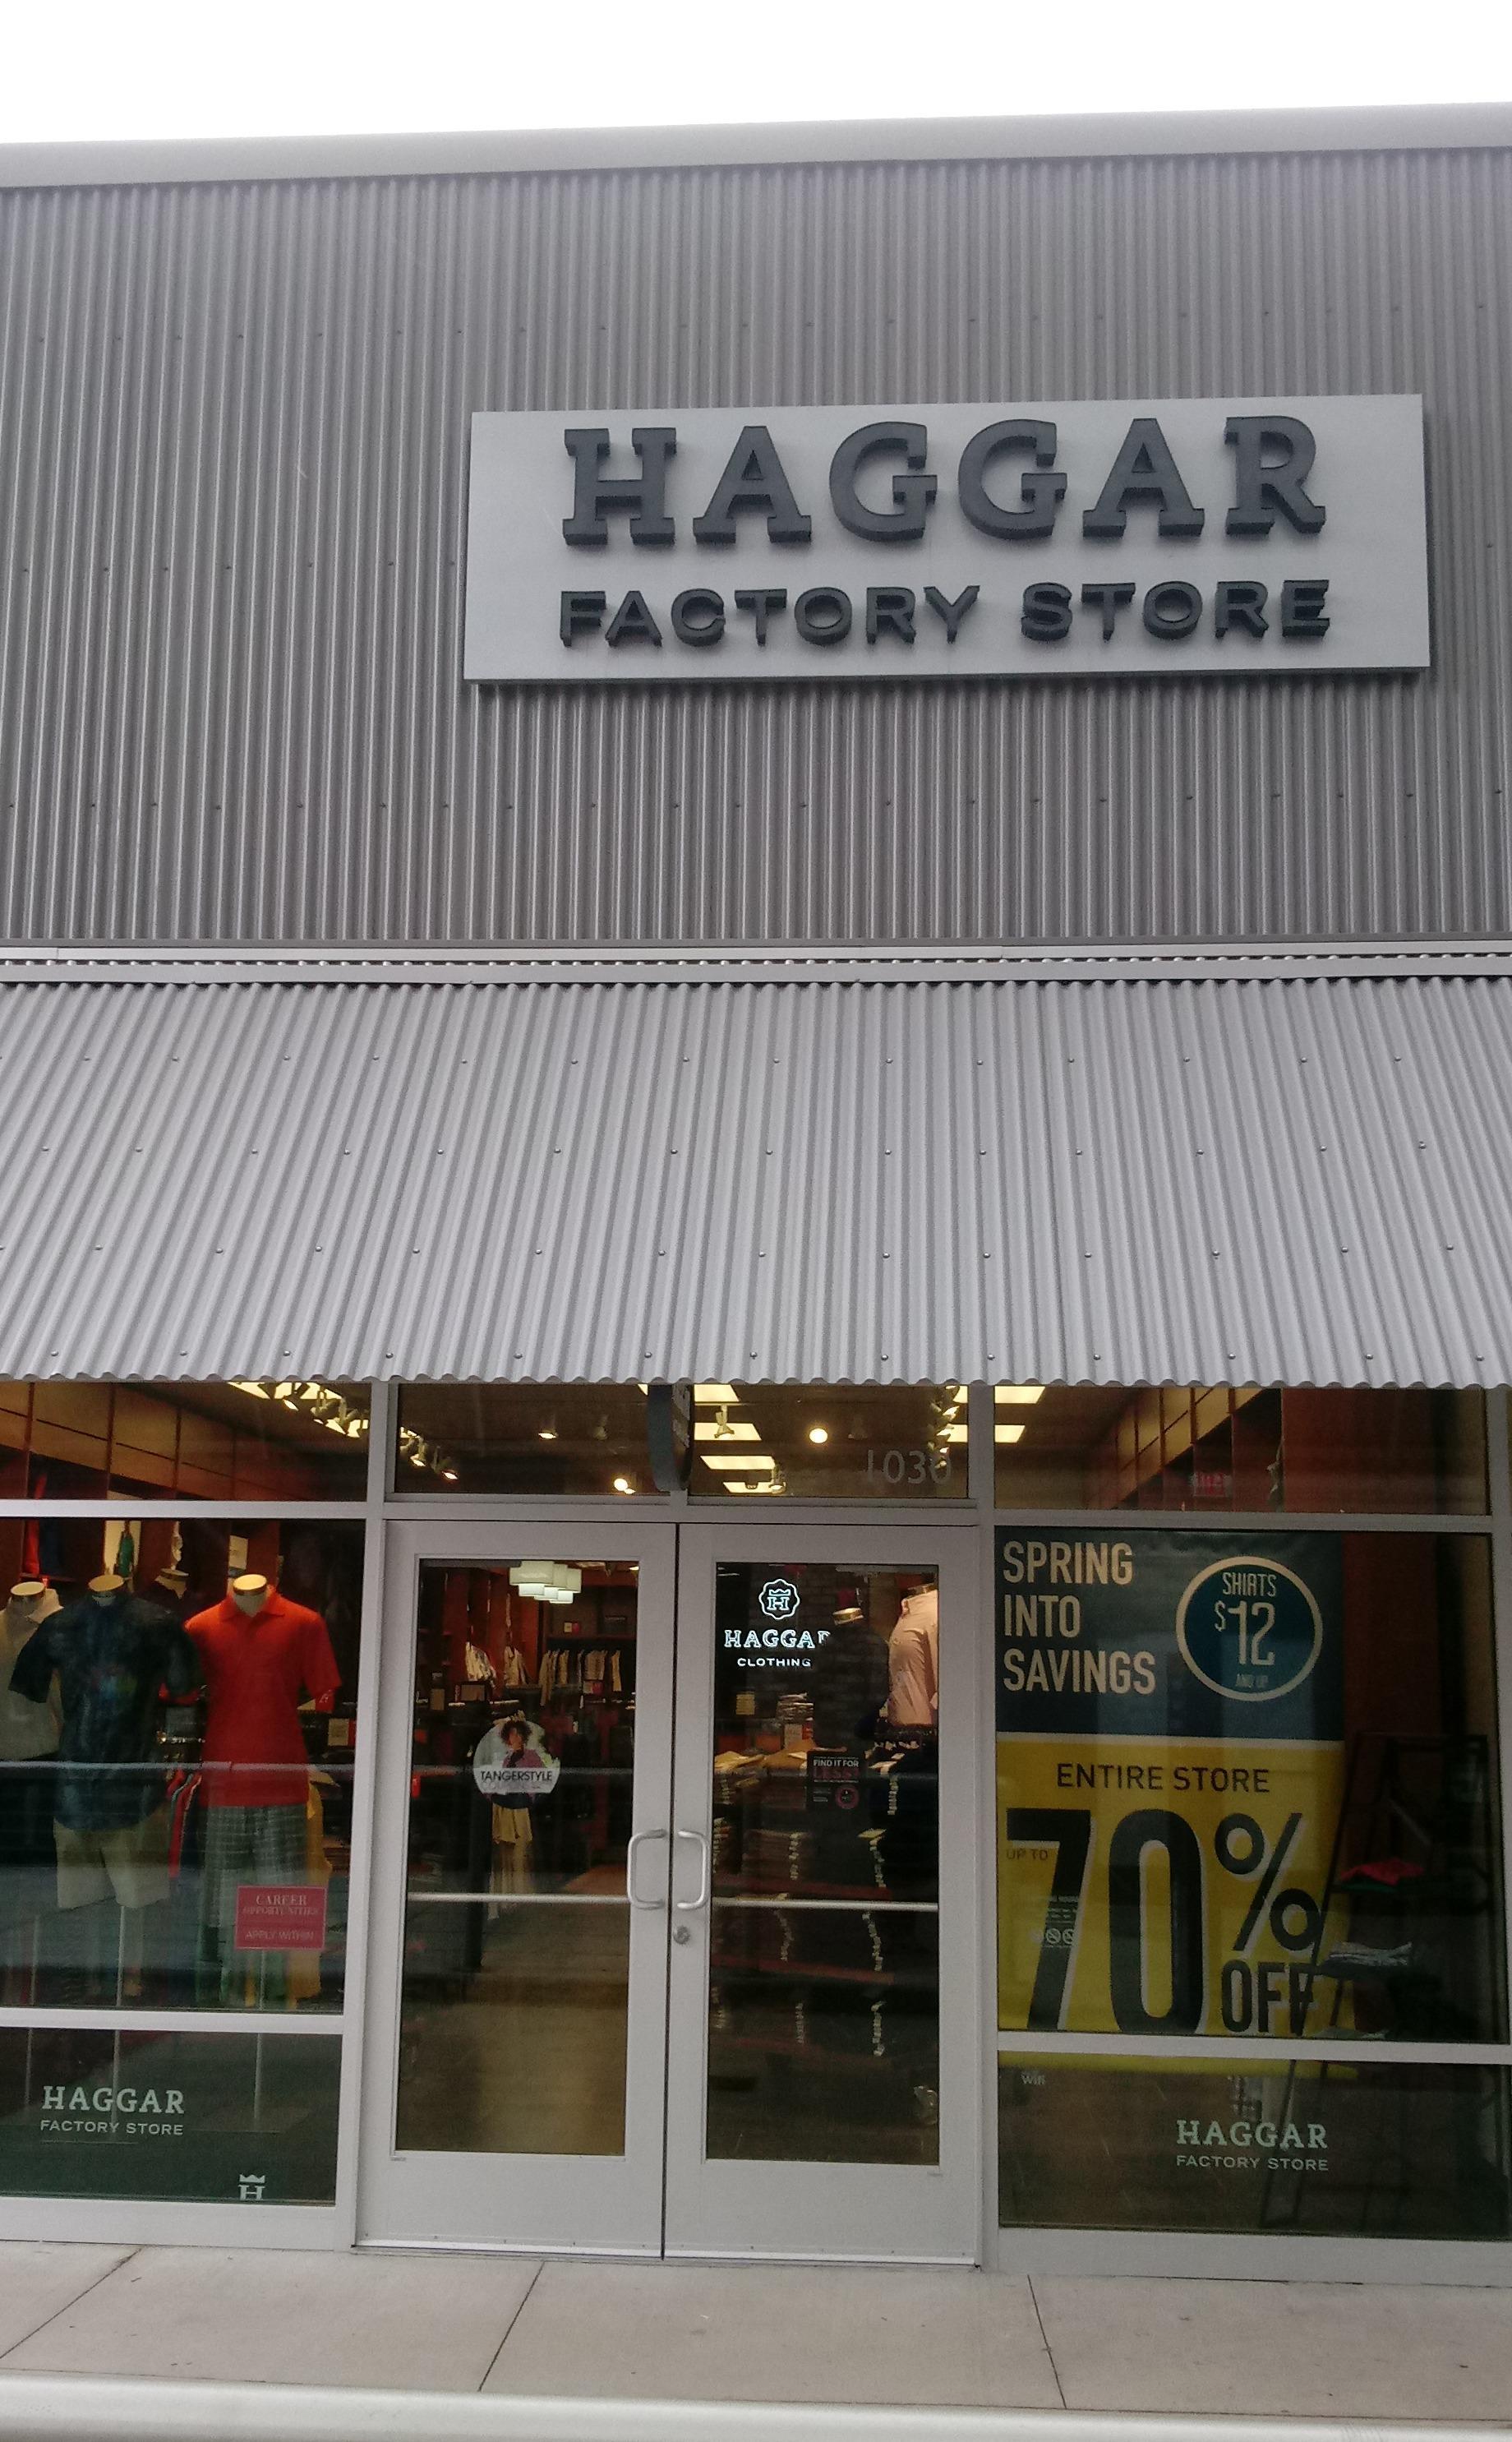 Haggar Factory Store image 0